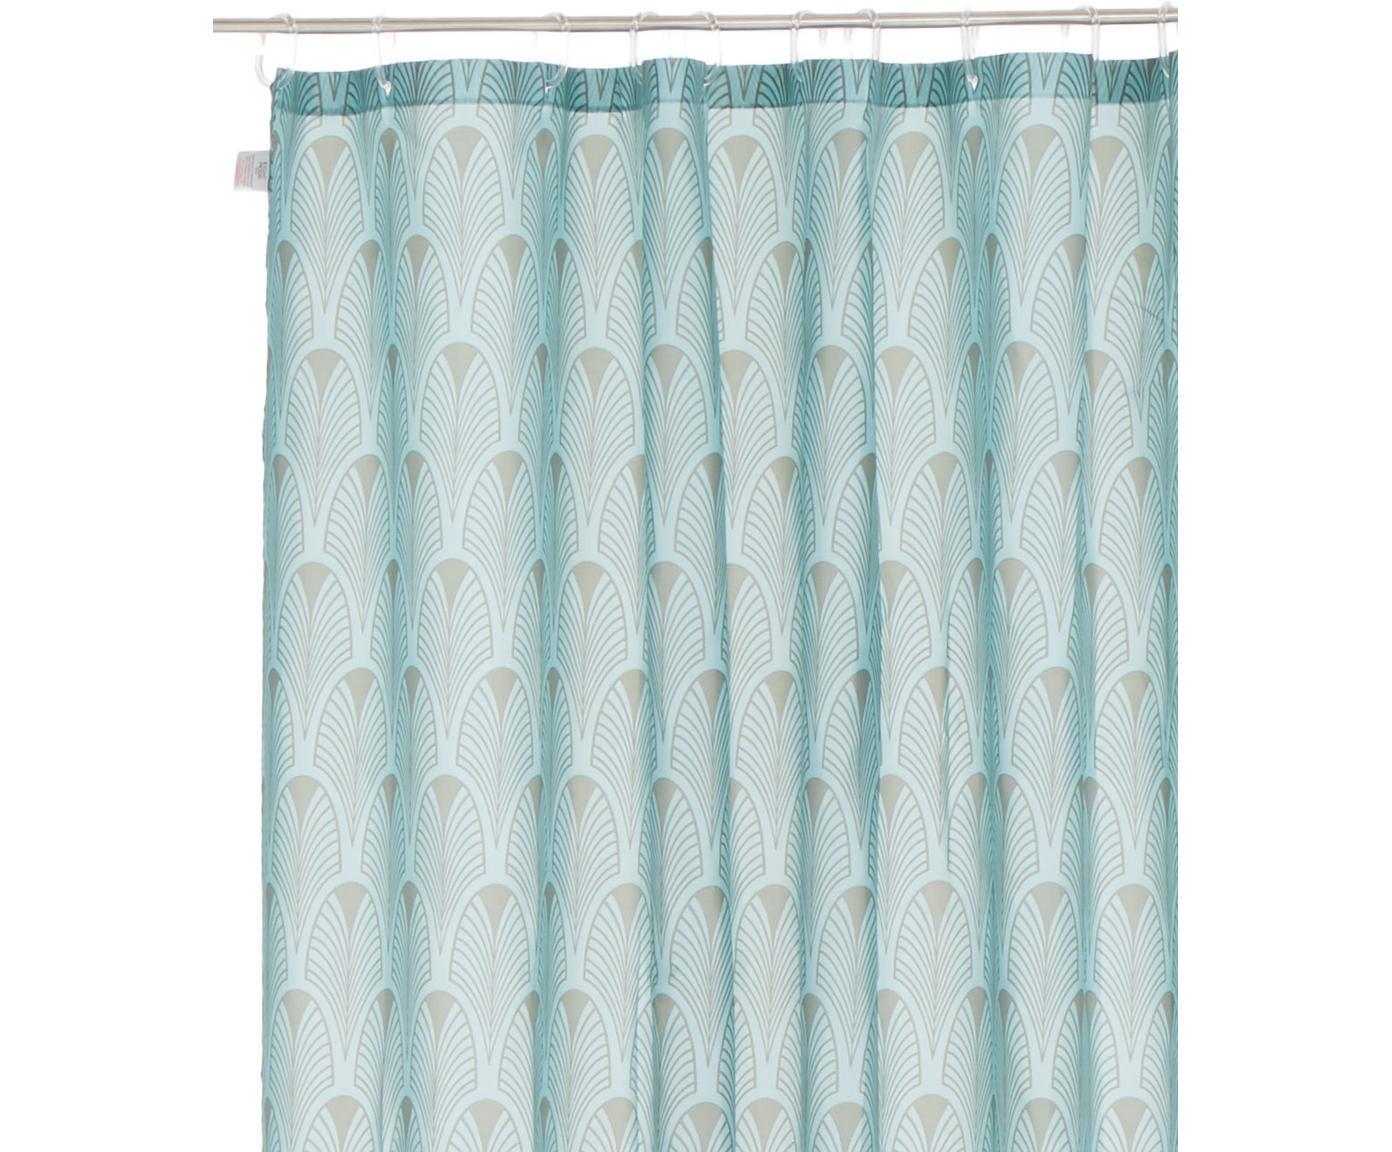 Douchegordijn Ashville met Art decoratieve patroon, Polyester, Mintblauw, grijs, 180 x 200 cm